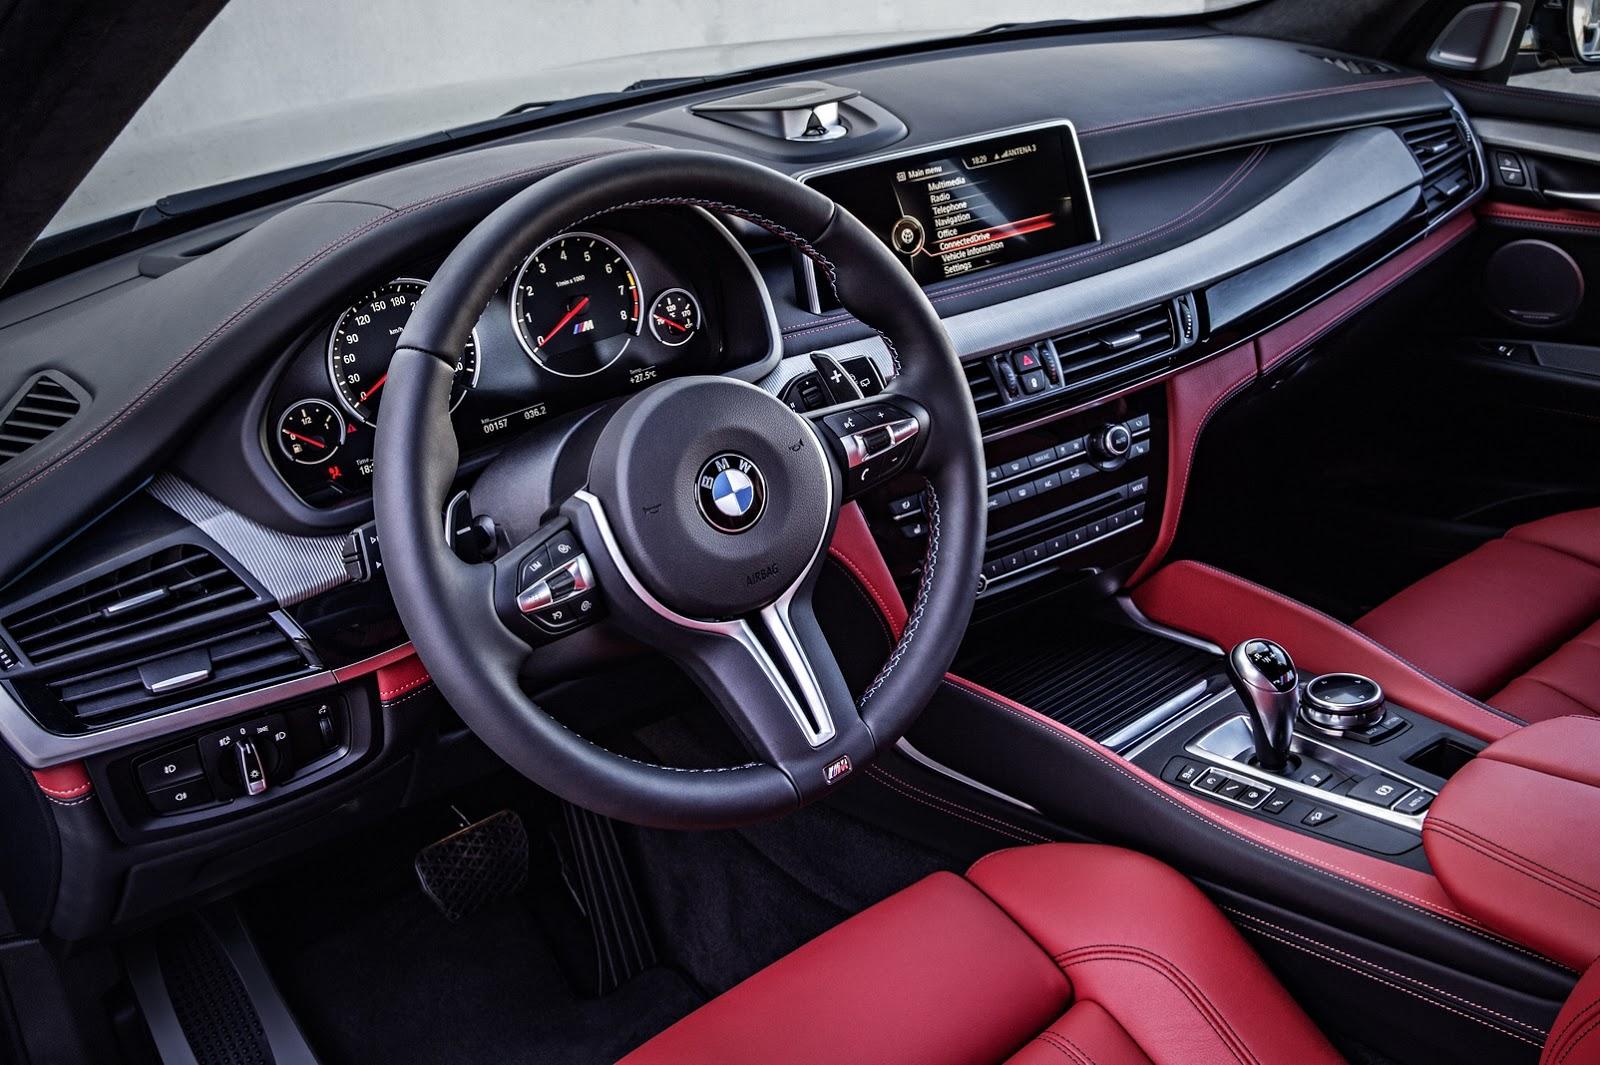 Nội thất thể thao và sang trọng của BMW X5M 2015